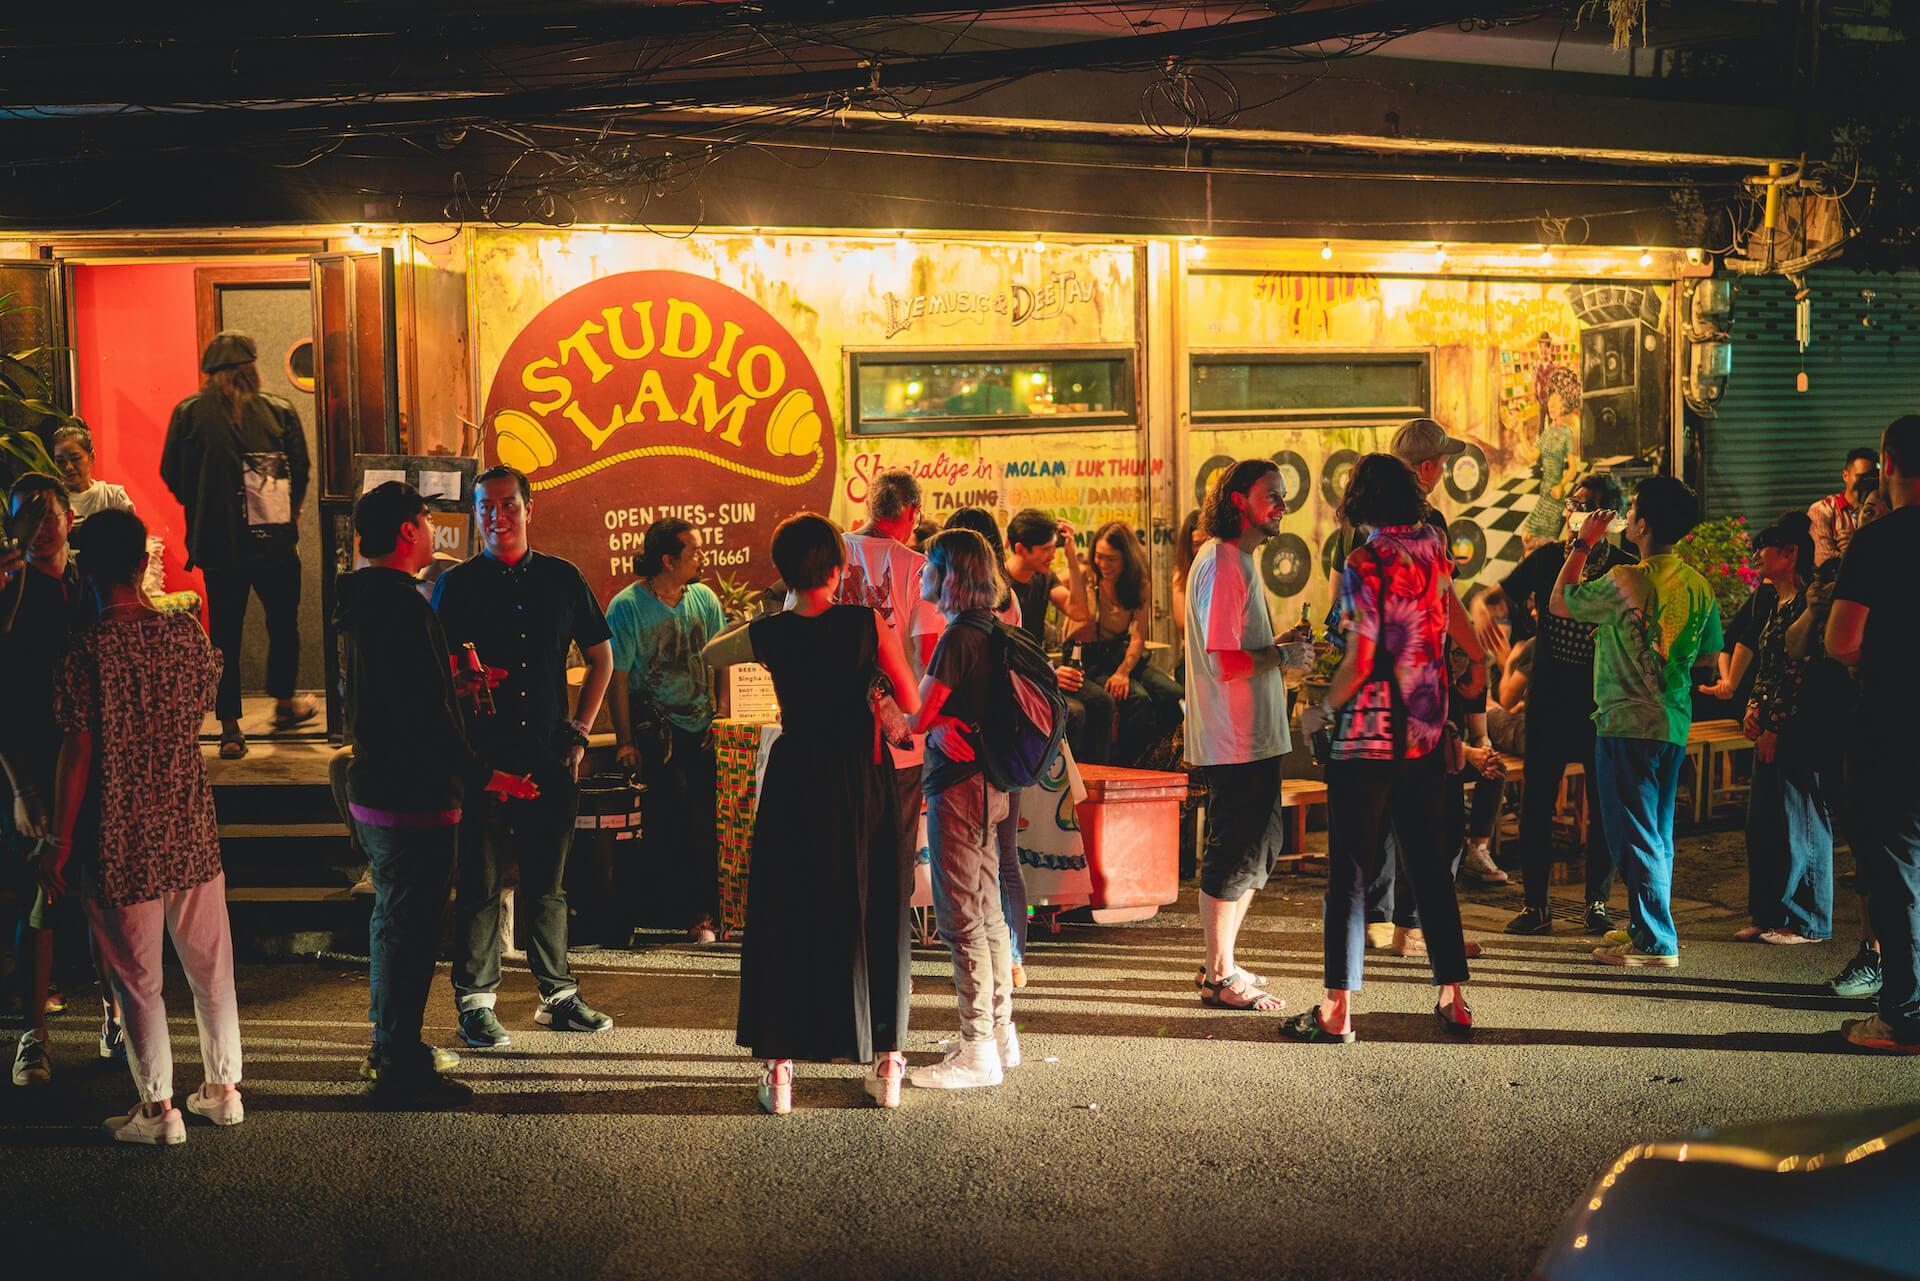 日本からタイヘ。新しい表現の場を提供してきたカルチャーパーティーSETSUZOKUの10年とは culture210320_setsuzoku-07-1